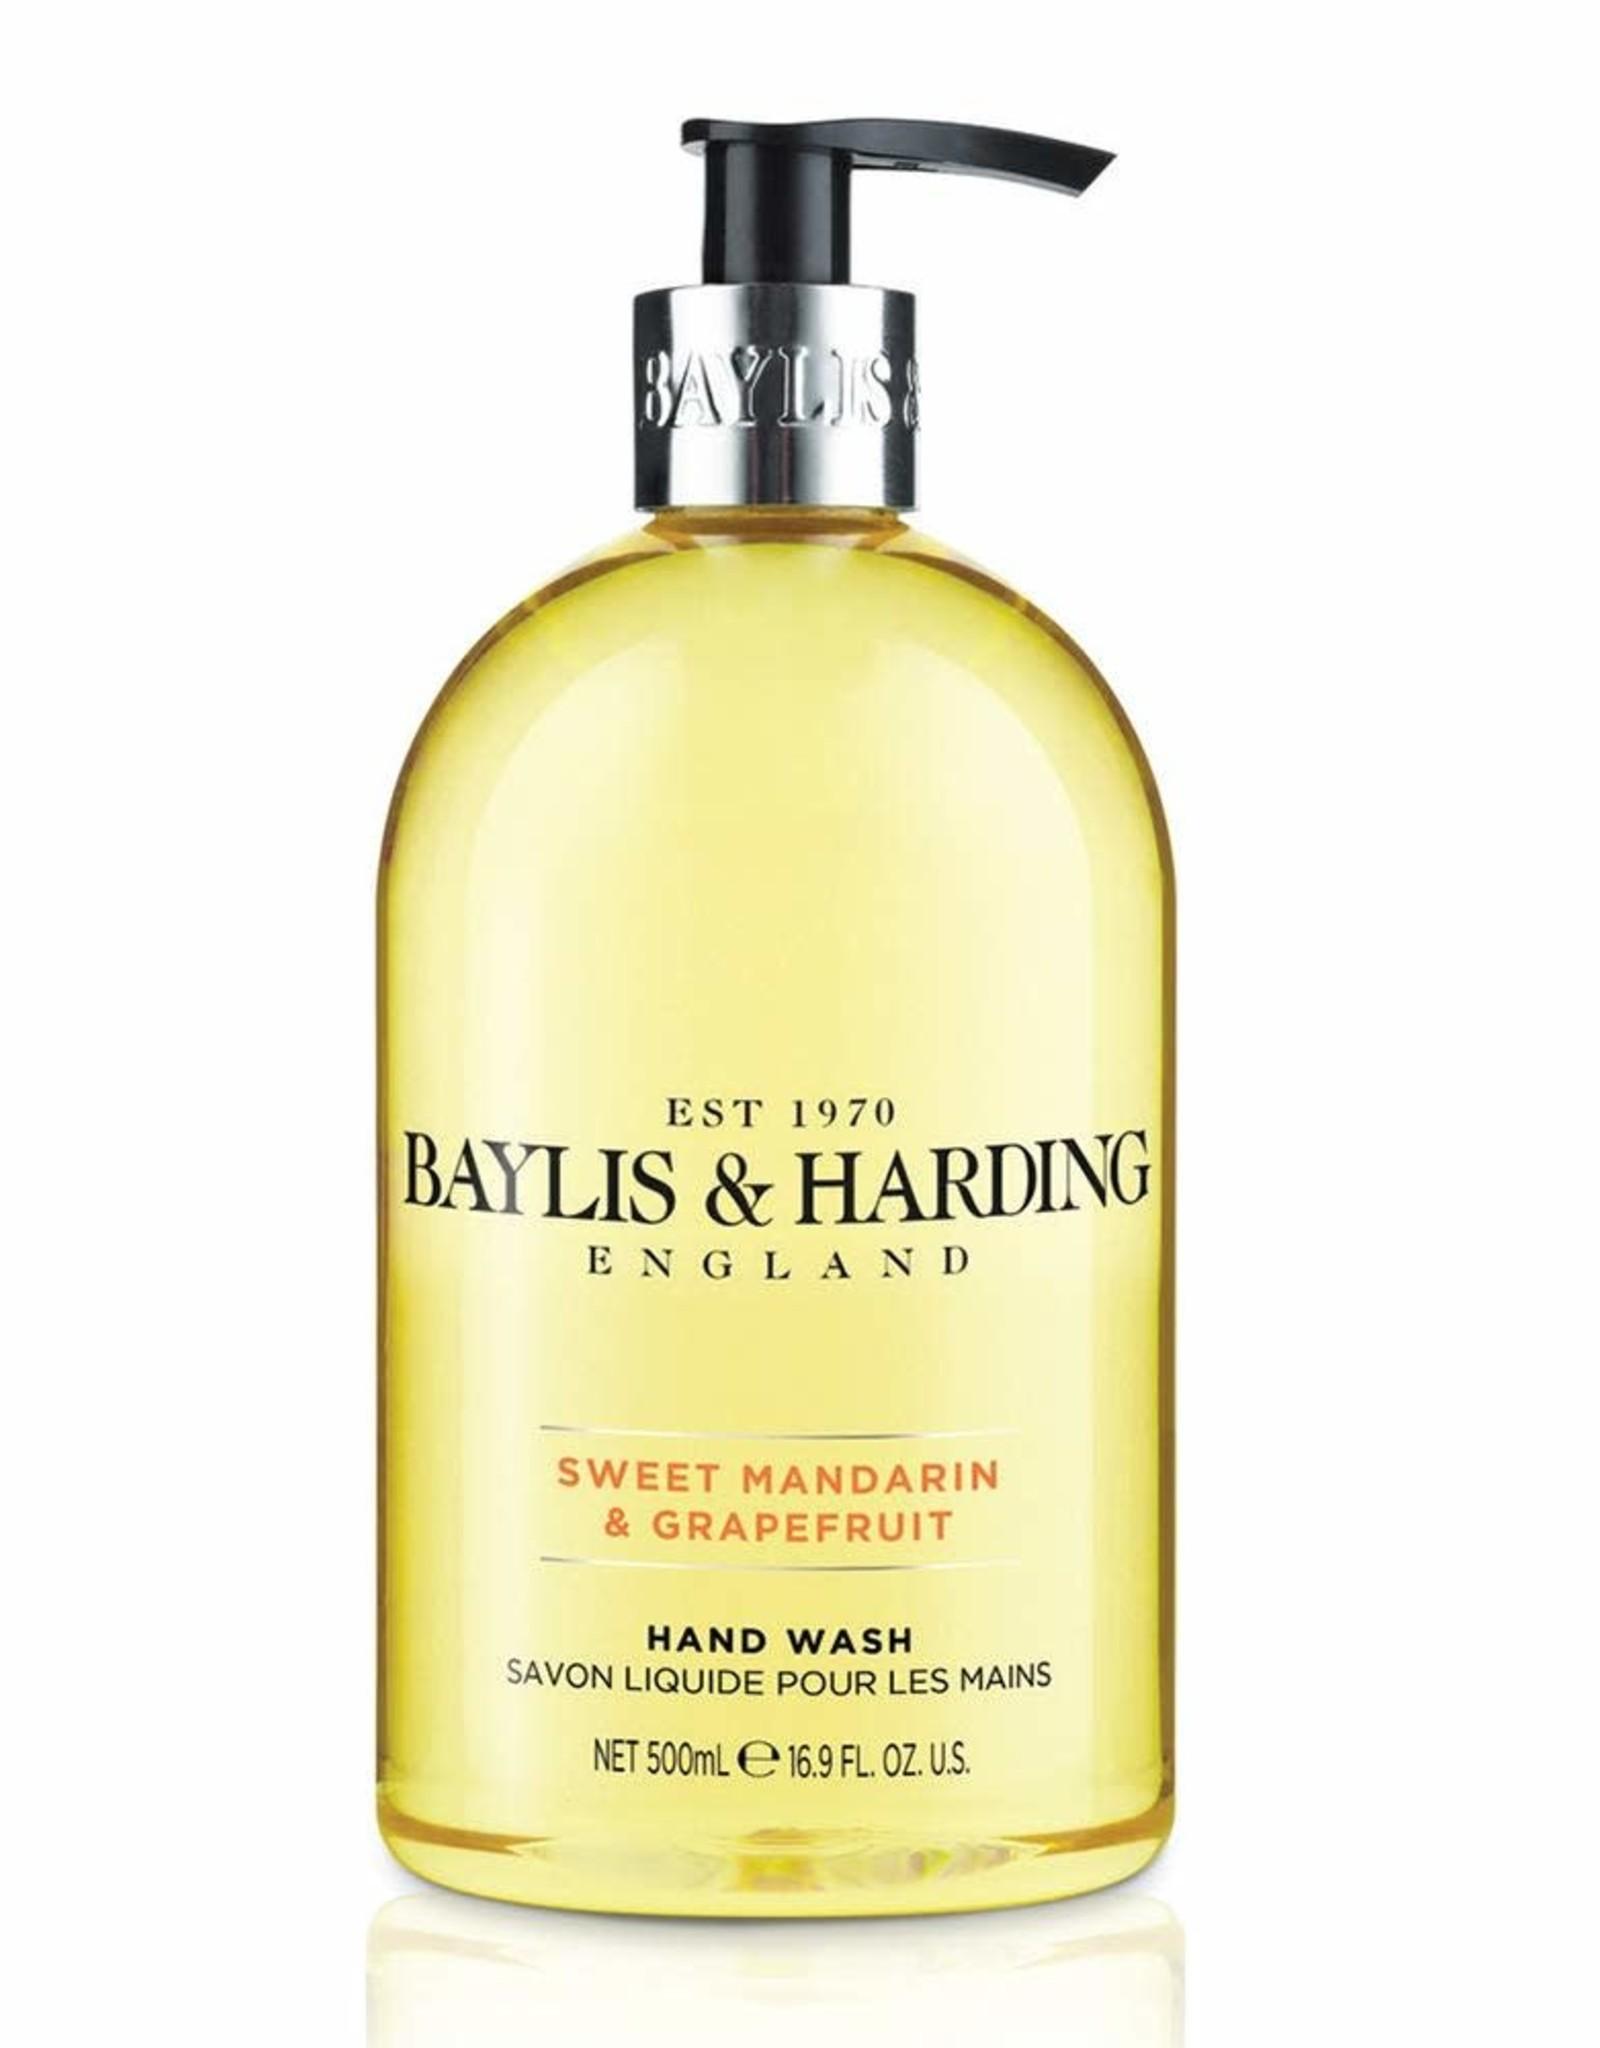 Baylis & Harding Baylis & Harding Sweet Mandarin & Grapefruit Hand wash